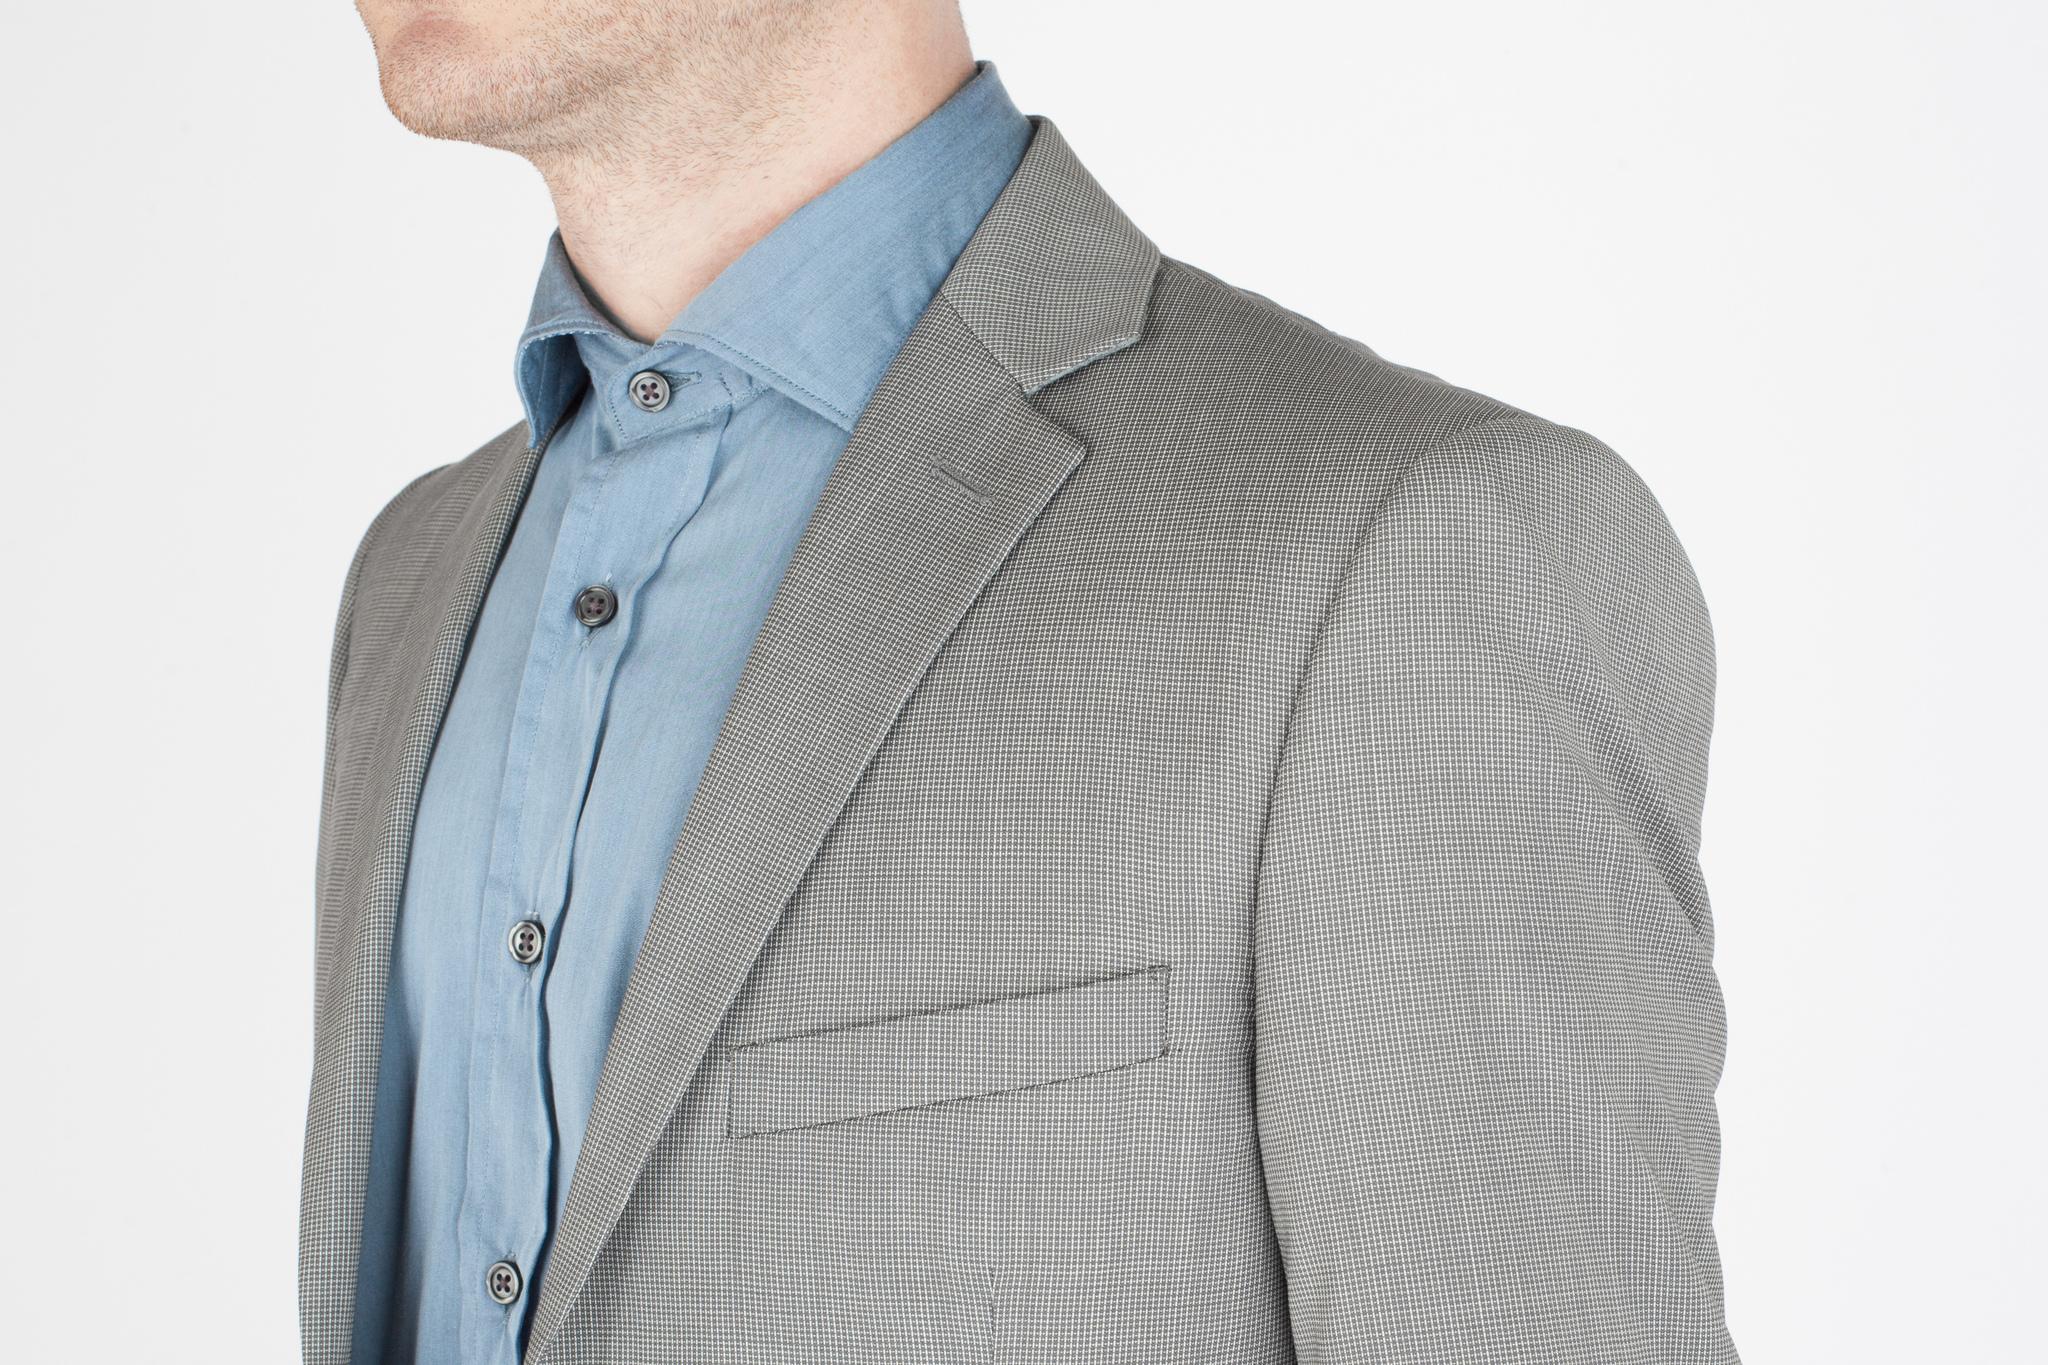 Светло-серый костюм в мелкую тёмно-серую крапинку из 100%-ной шерсти, нагрудный карман